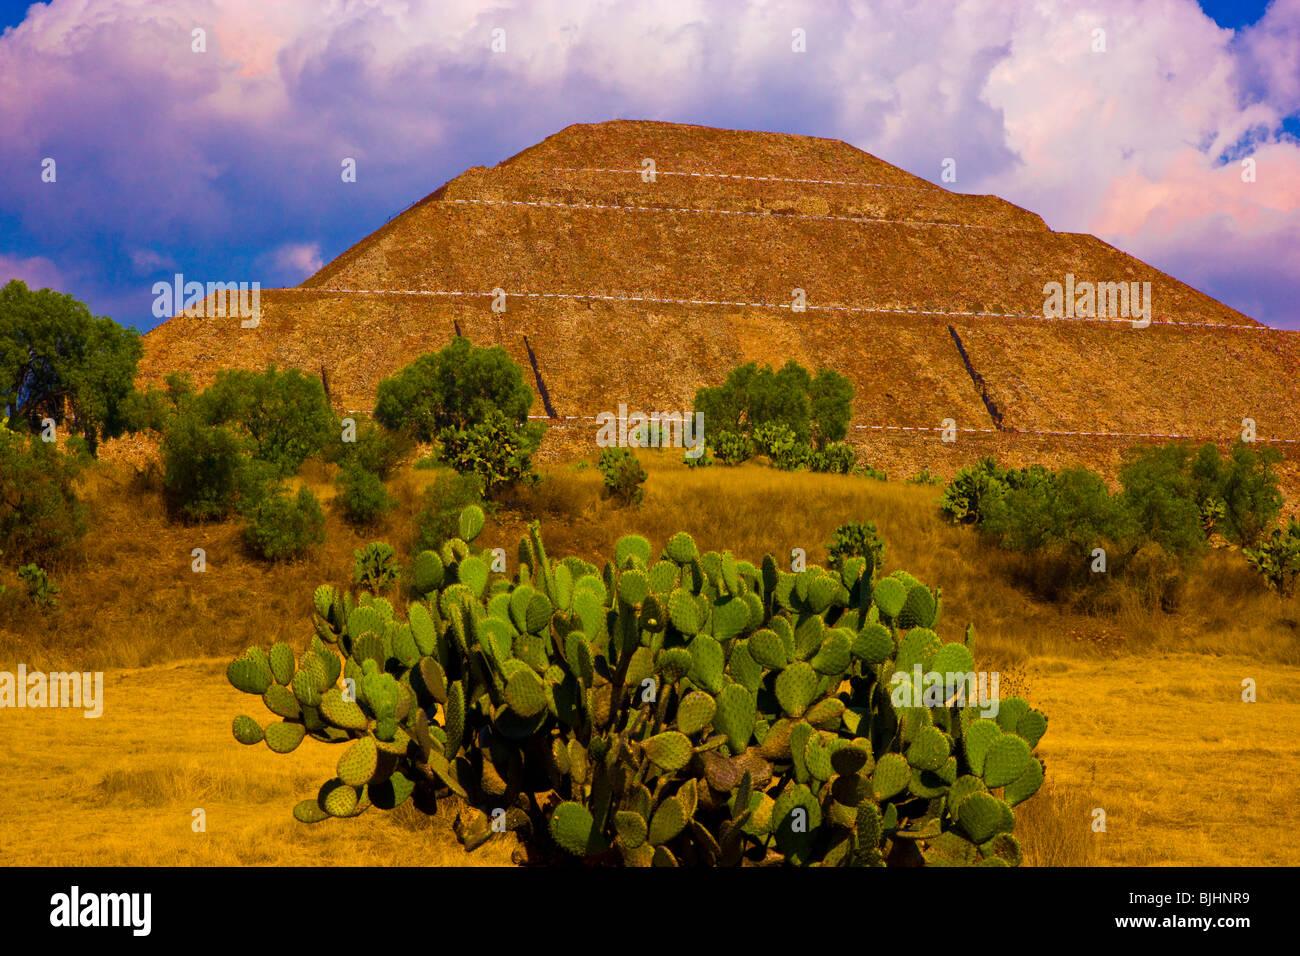 Tempel der Sonne, Teotihuacan, Pyramide, Mexiko, über 70 Meter hoch, weltweit größte Pyramide, aztekischen Stockbild